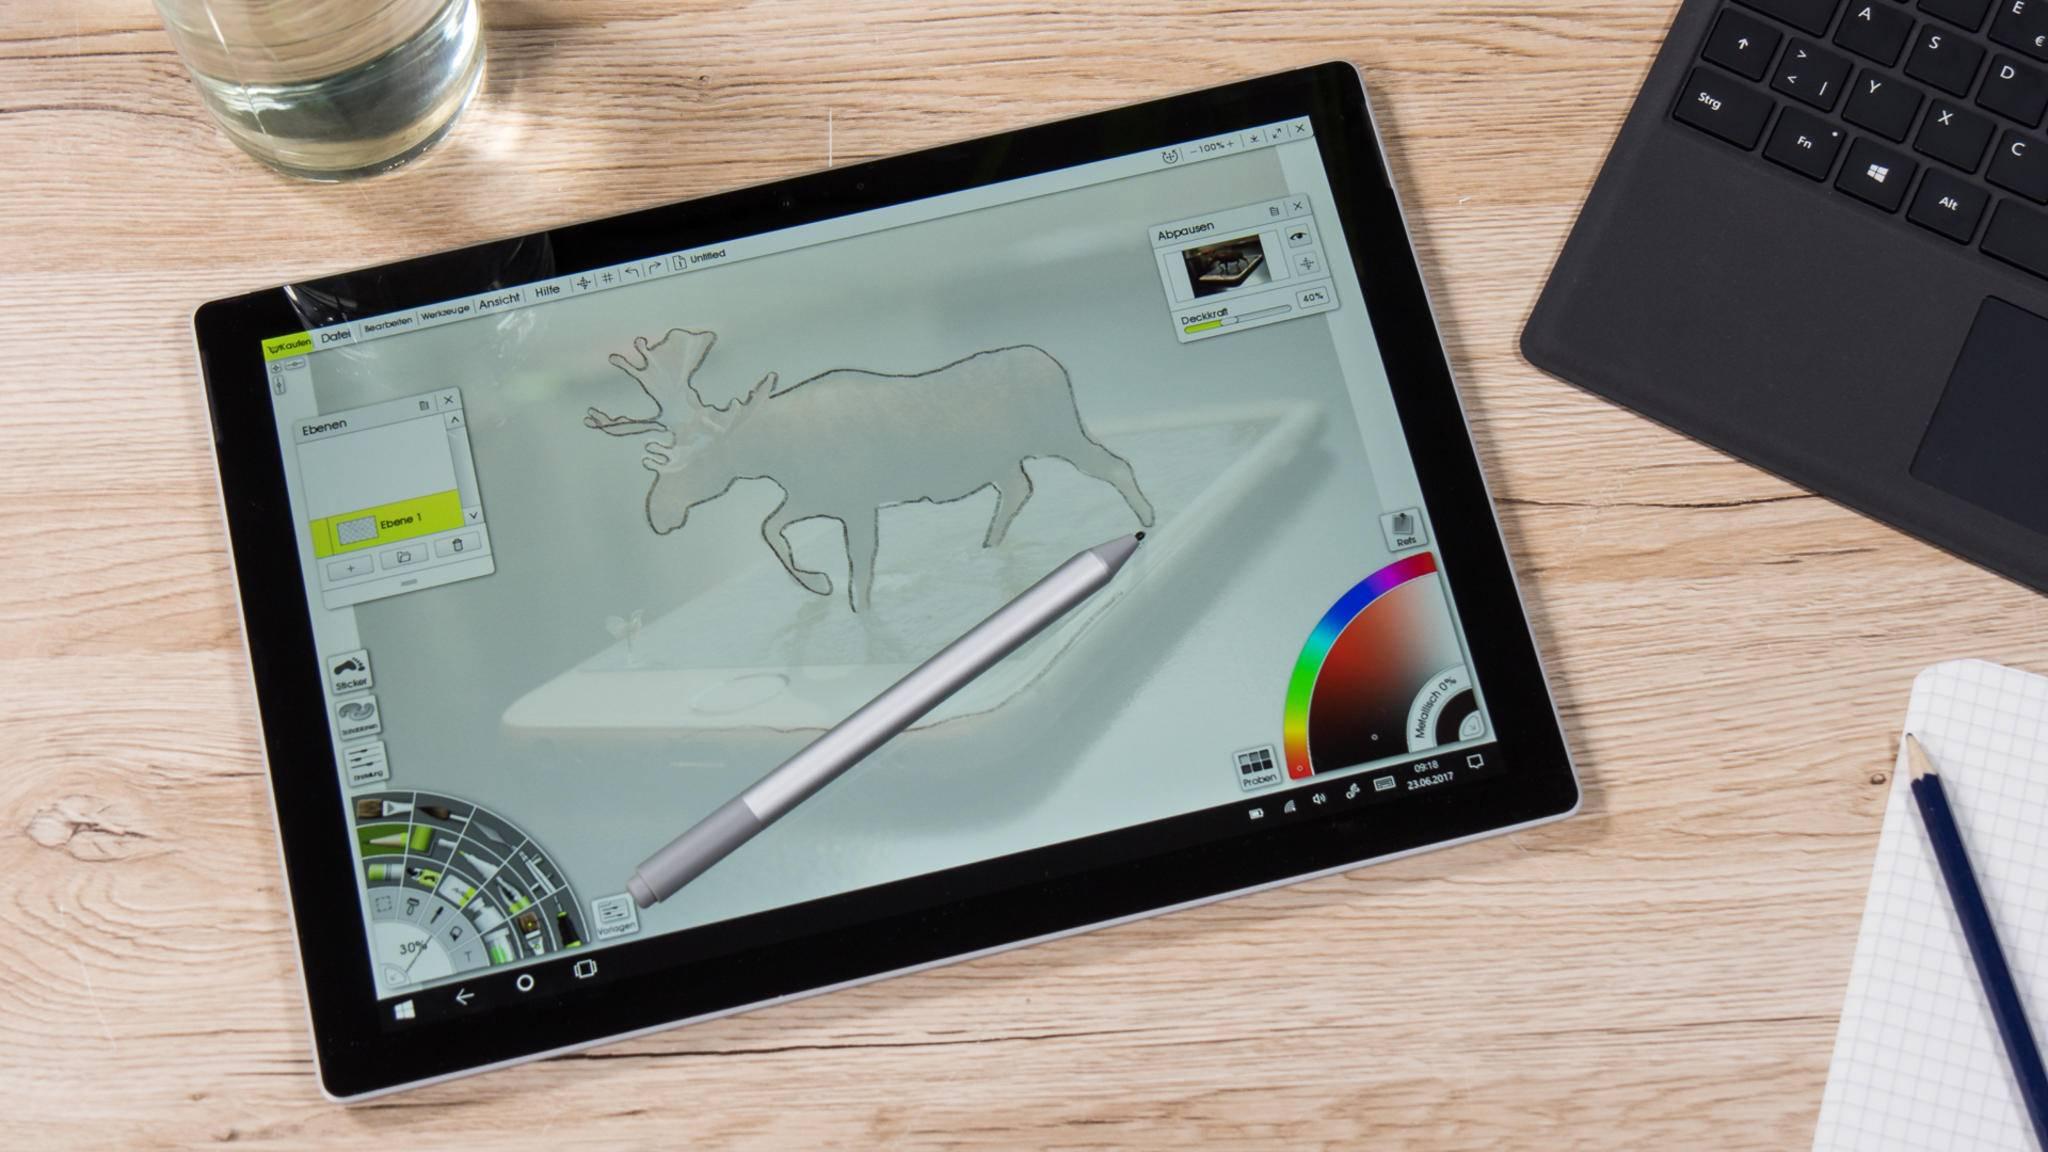 Haben die Surface-Geräte ein Qualitätsproblem?